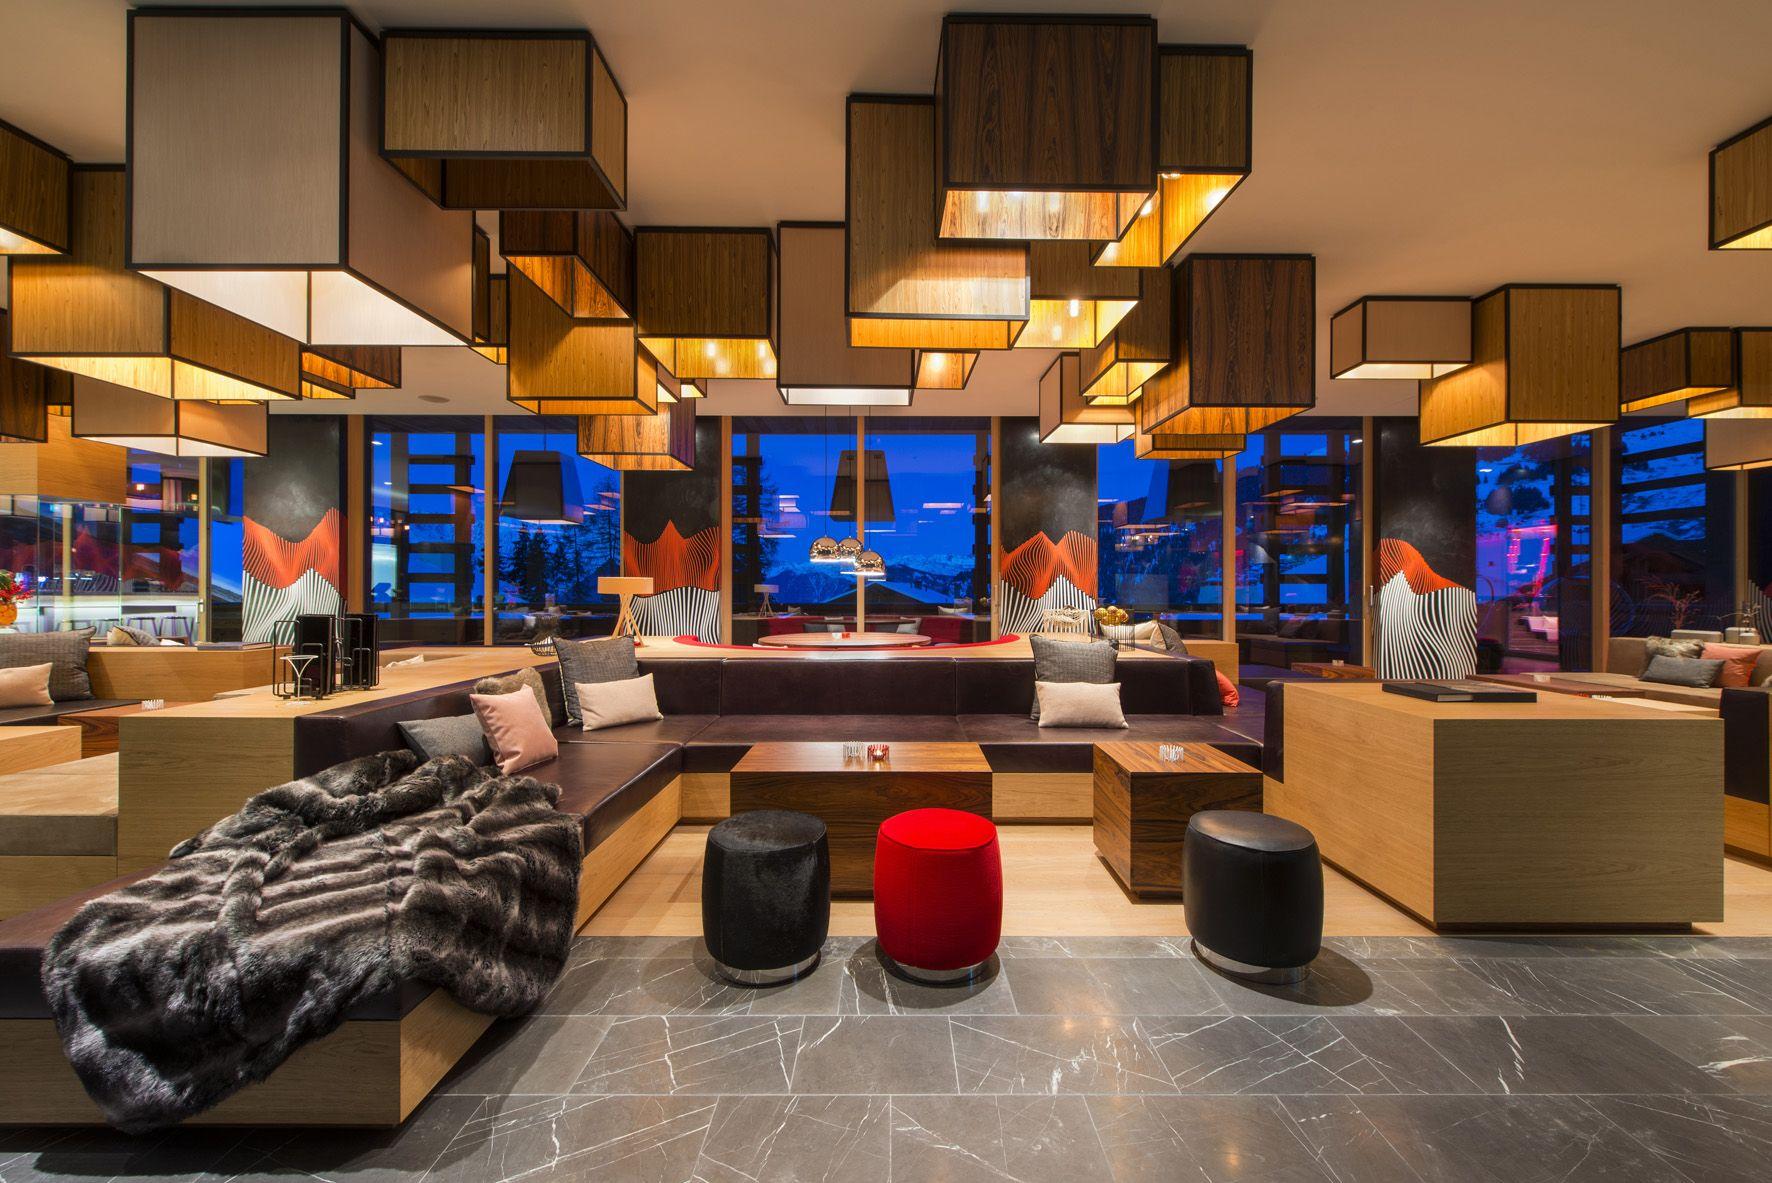 W Hotel Verbier Switzerland W Hotel Interior Design Interior W living room verbier